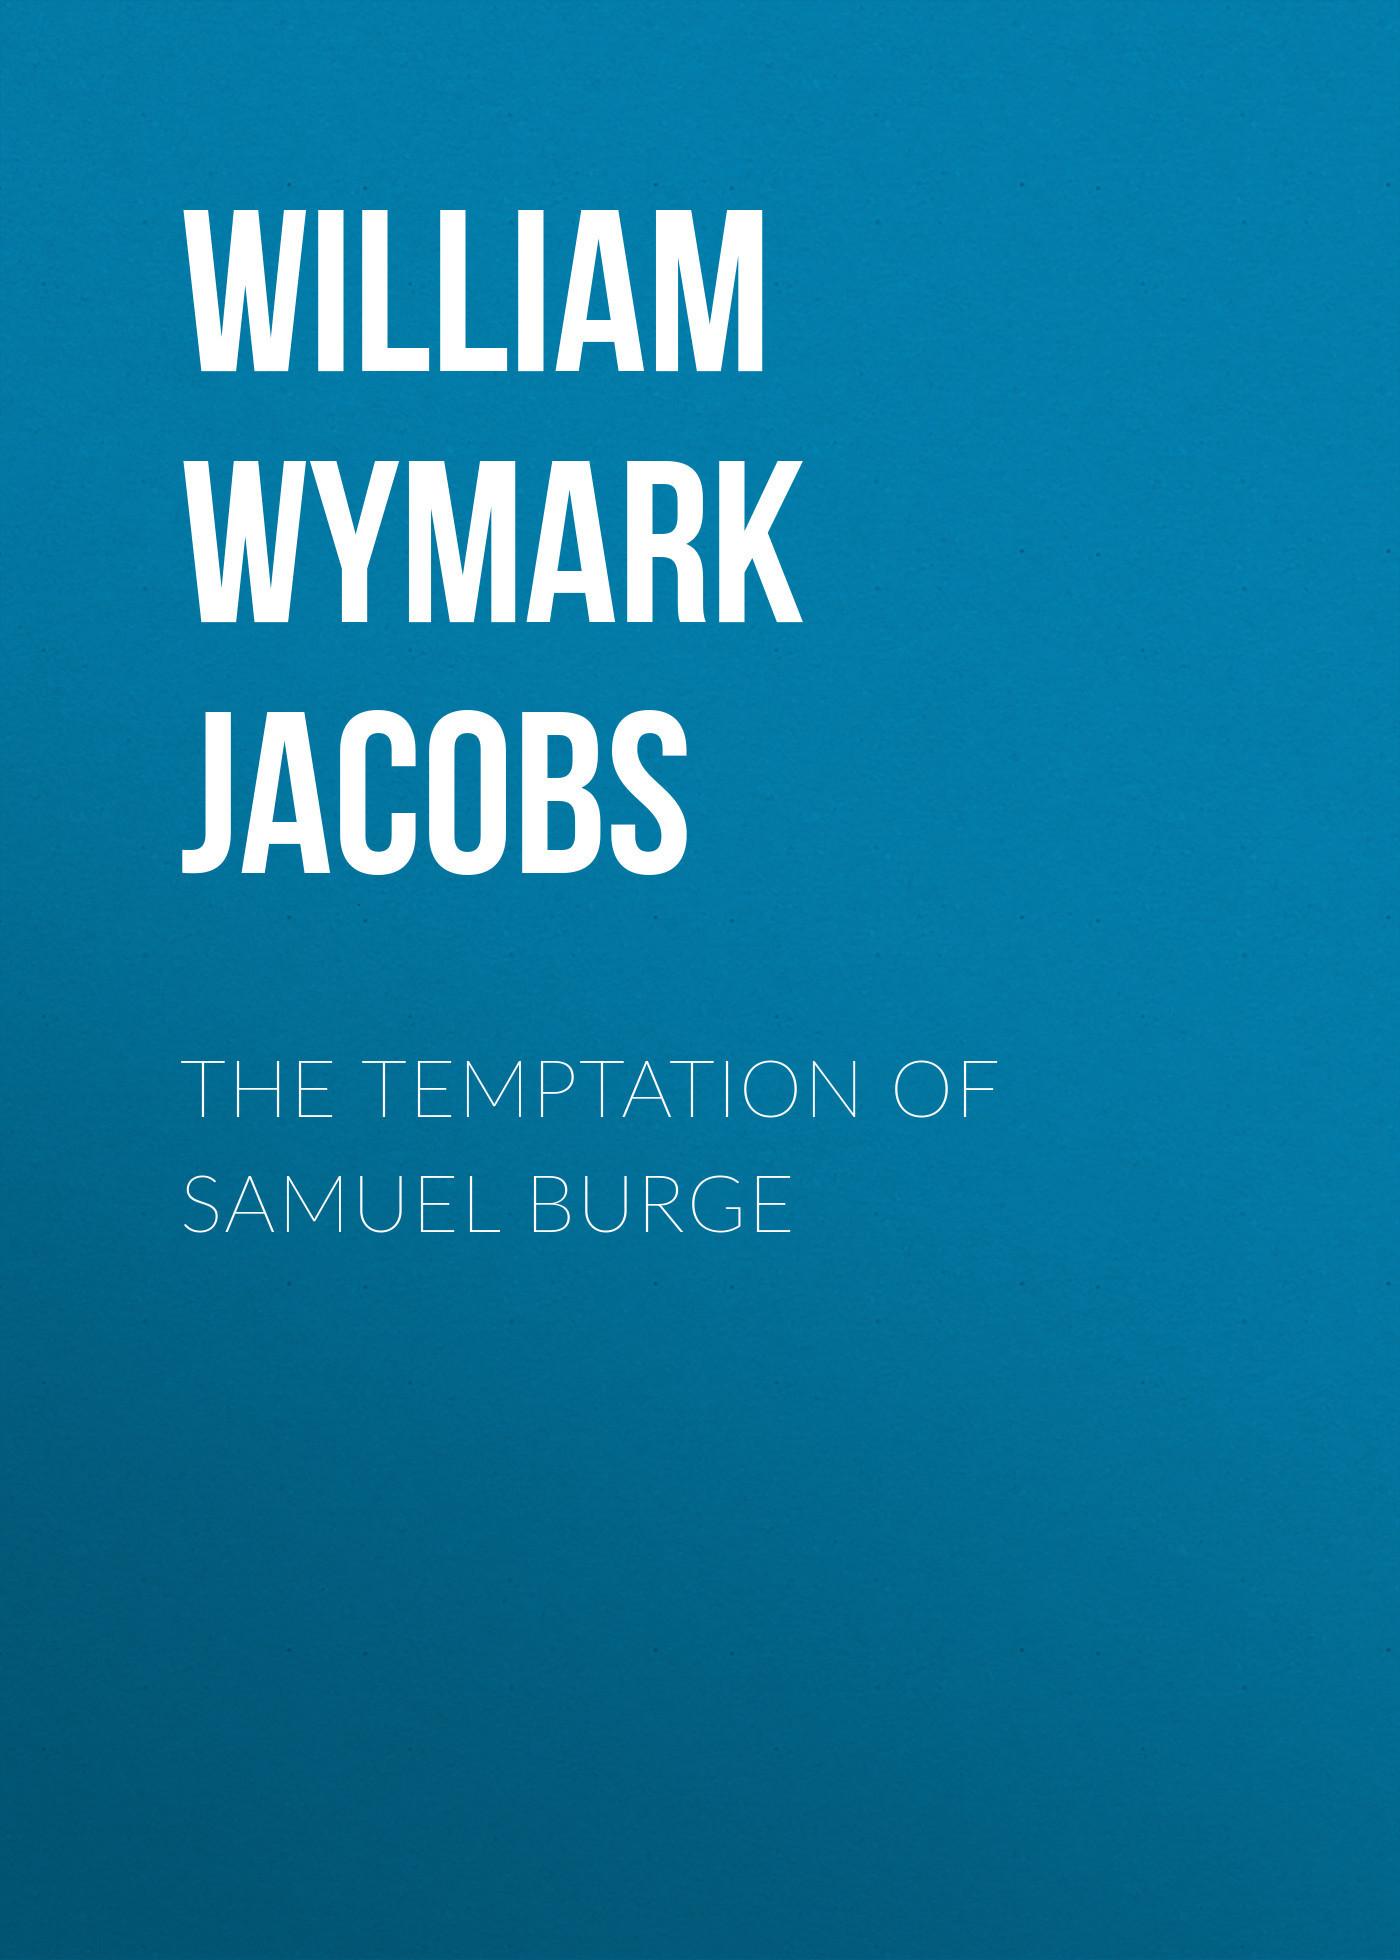 William Wymark Jacobs The Temptation of Samuel Burge